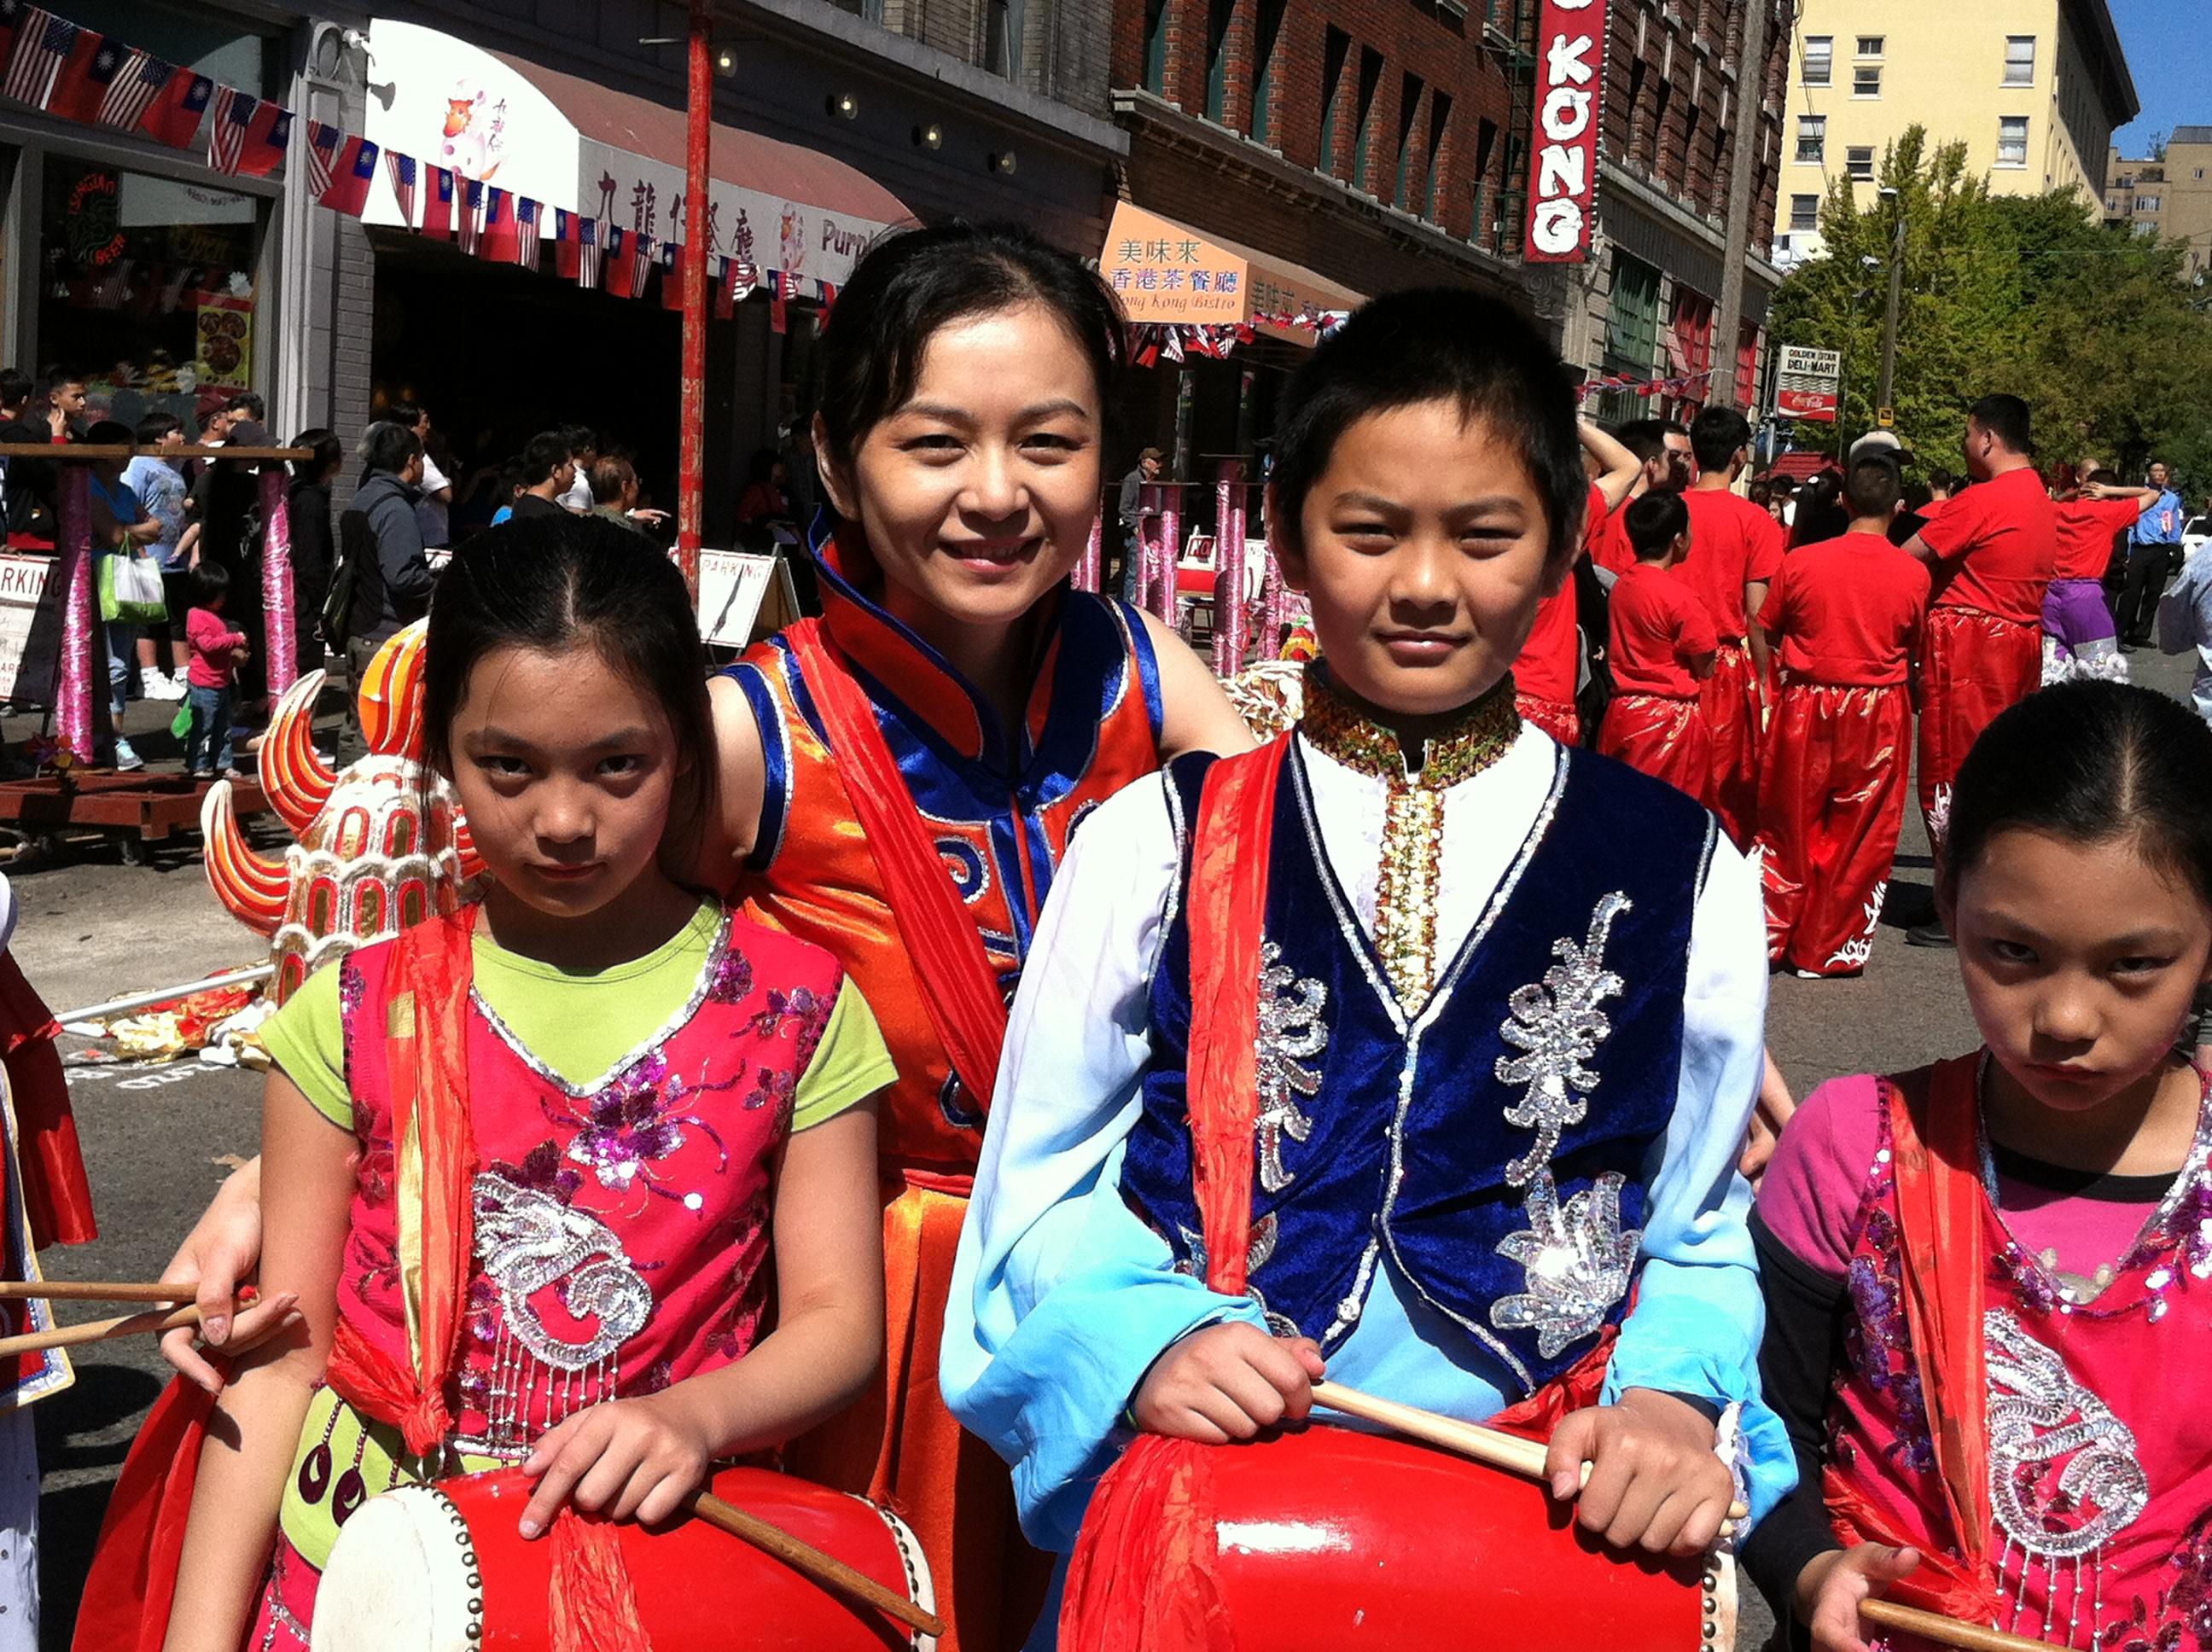 2012 Chinatown Seafair Parade Image 216